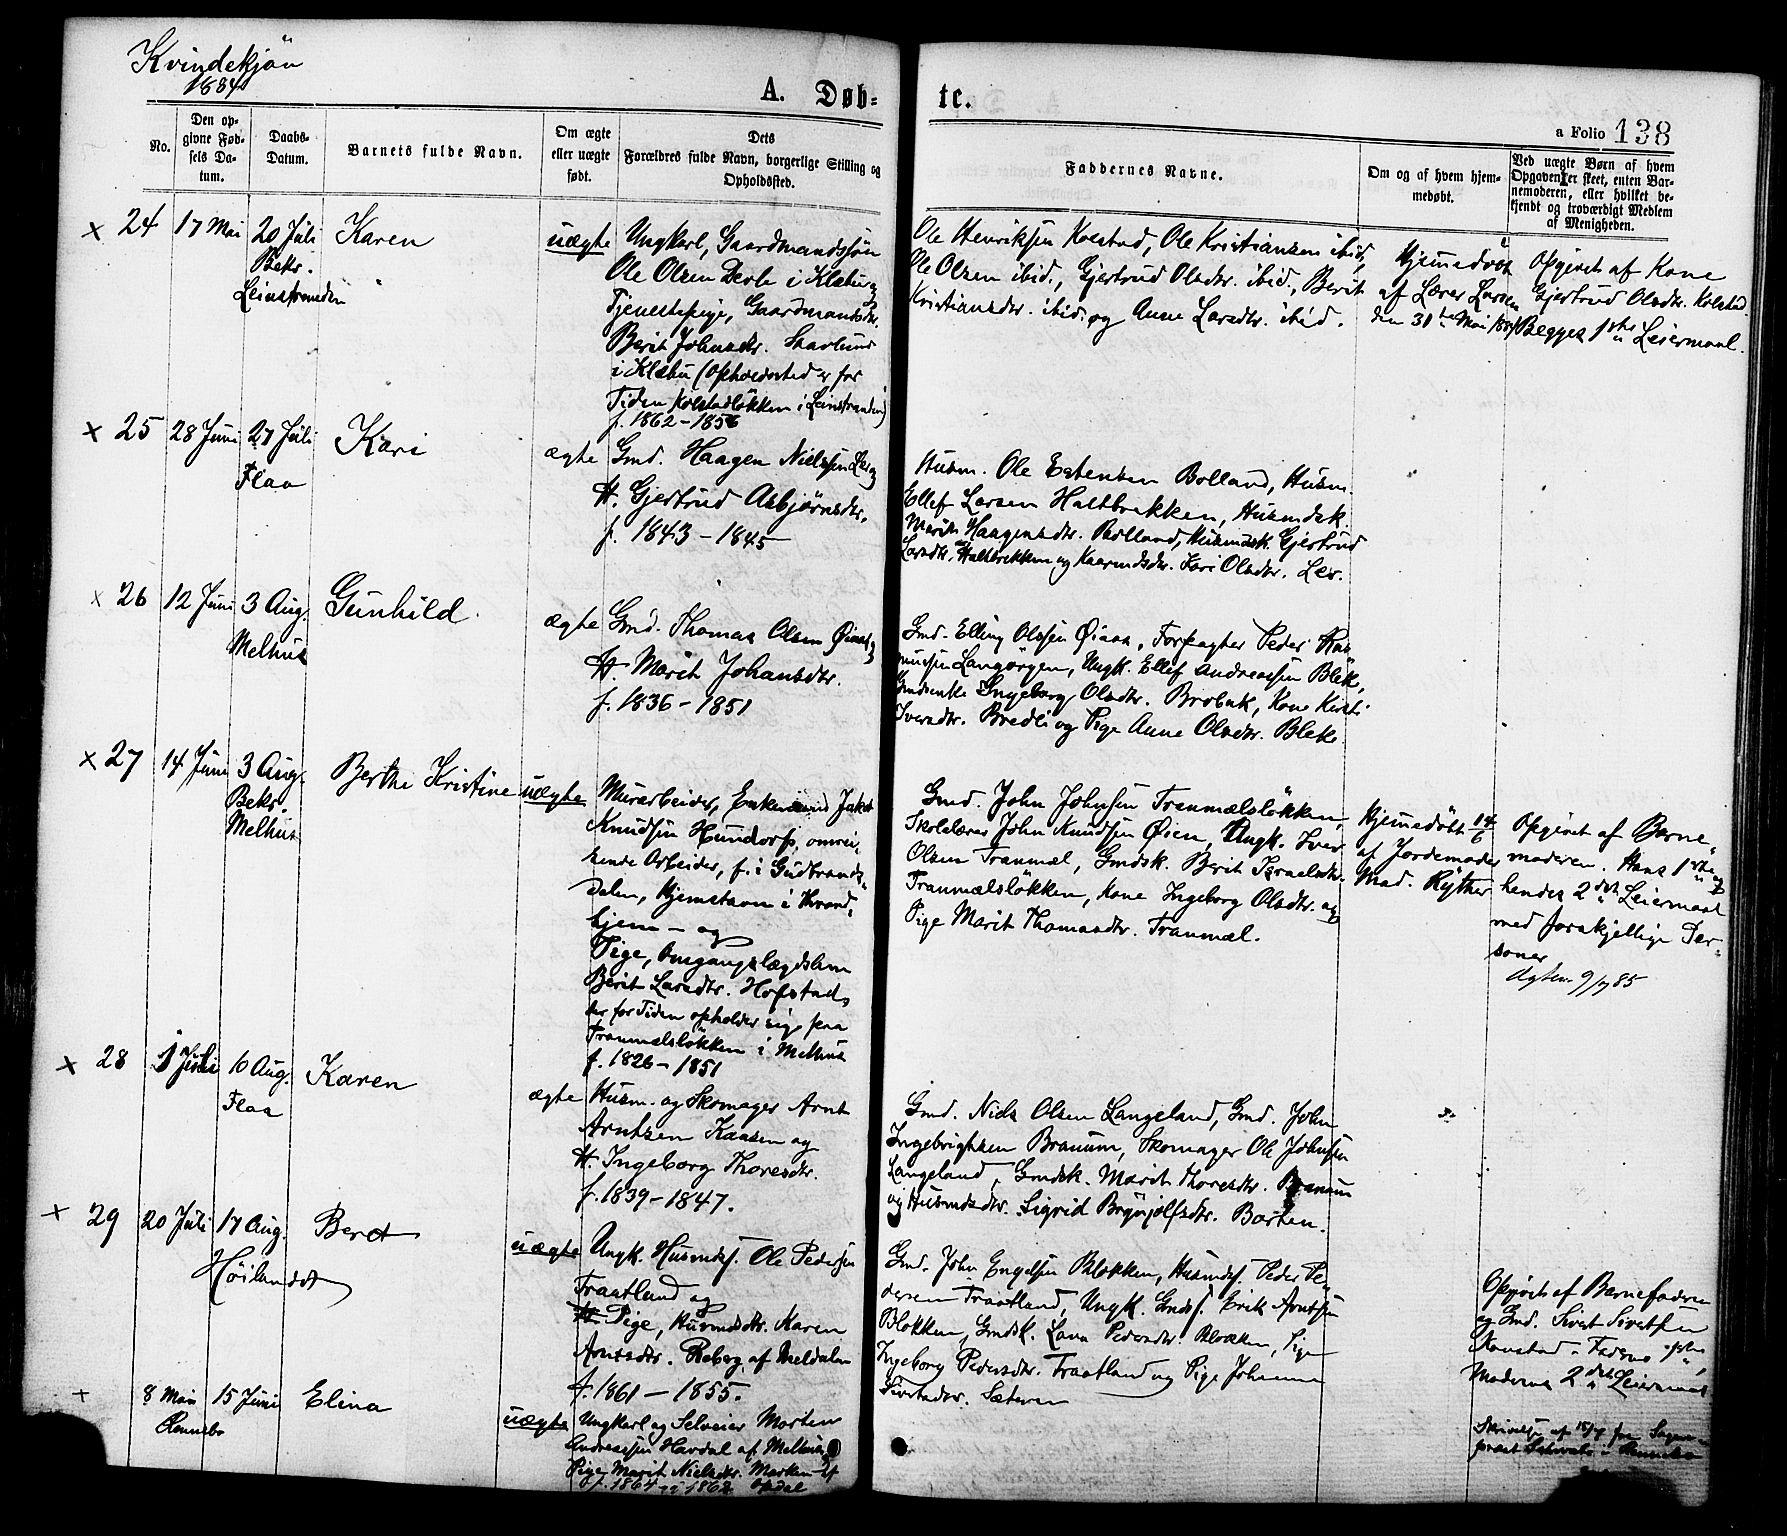 SAT, Ministerialprotokoller, klokkerbøker og fødselsregistre - Sør-Trøndelag, 691/L1079: Ministerialbok nr. 691A11, 1873-1886, s. 138